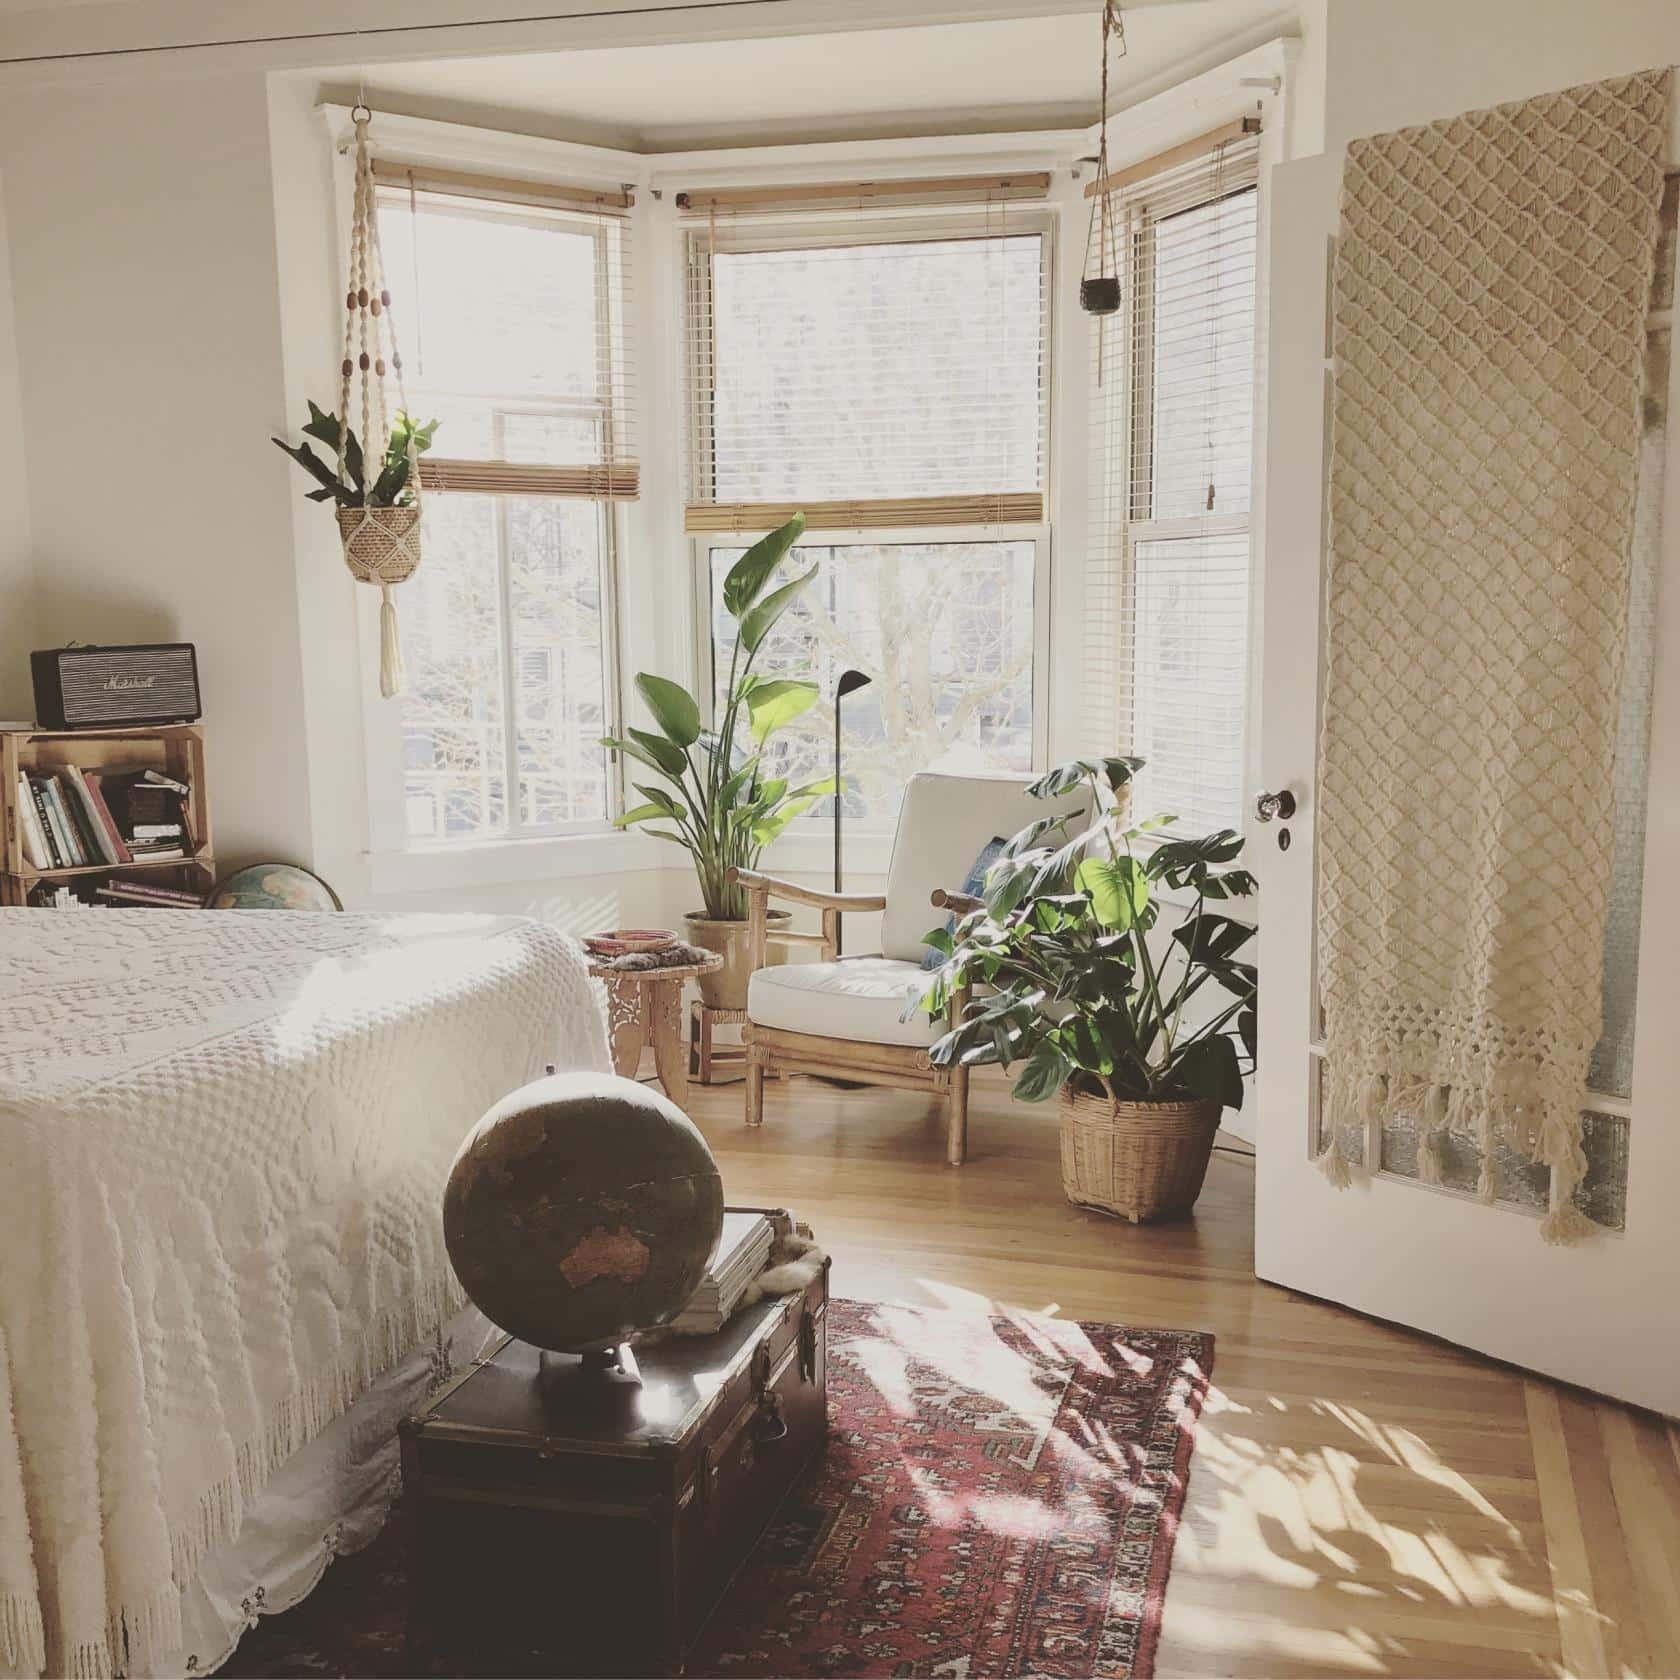 , ¡Ser feliz en casa! Ordená tu hogar y transformá tu energía